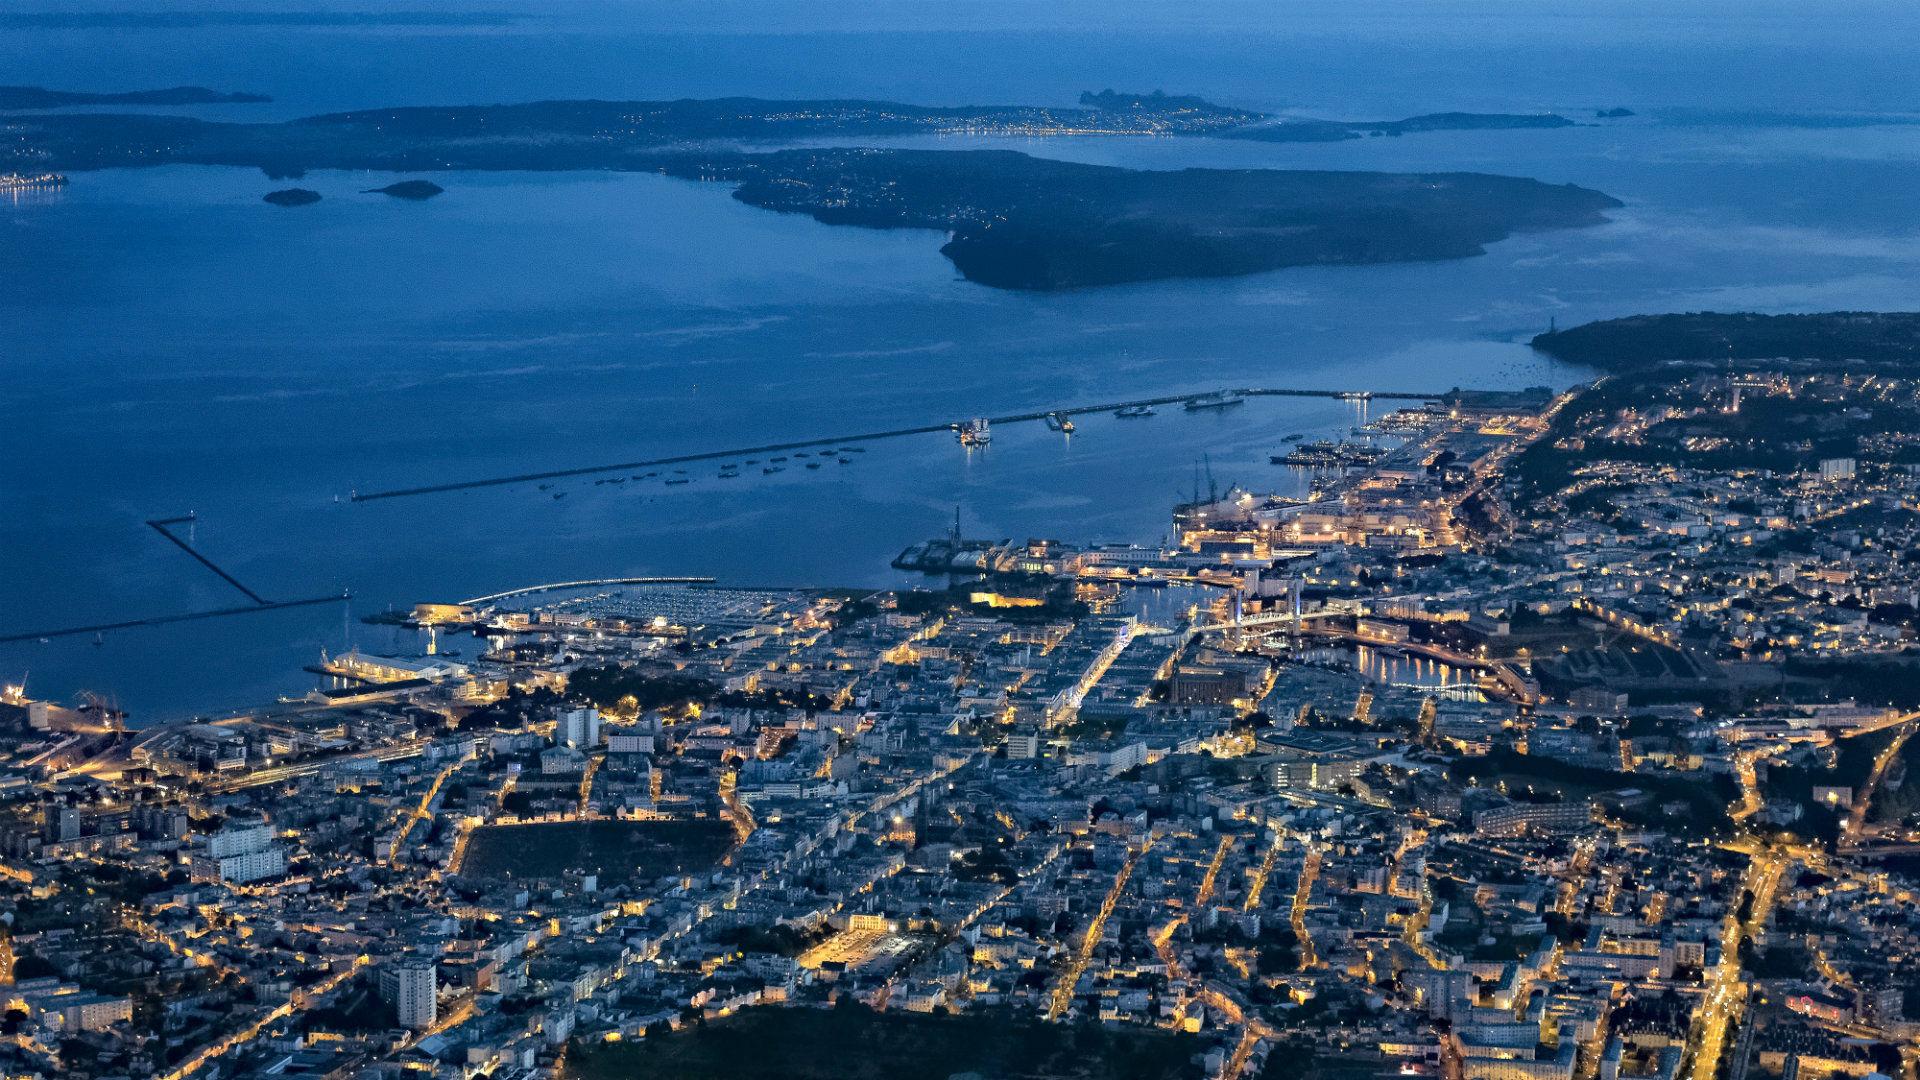 Vue de hauteur et de nuit de Brest